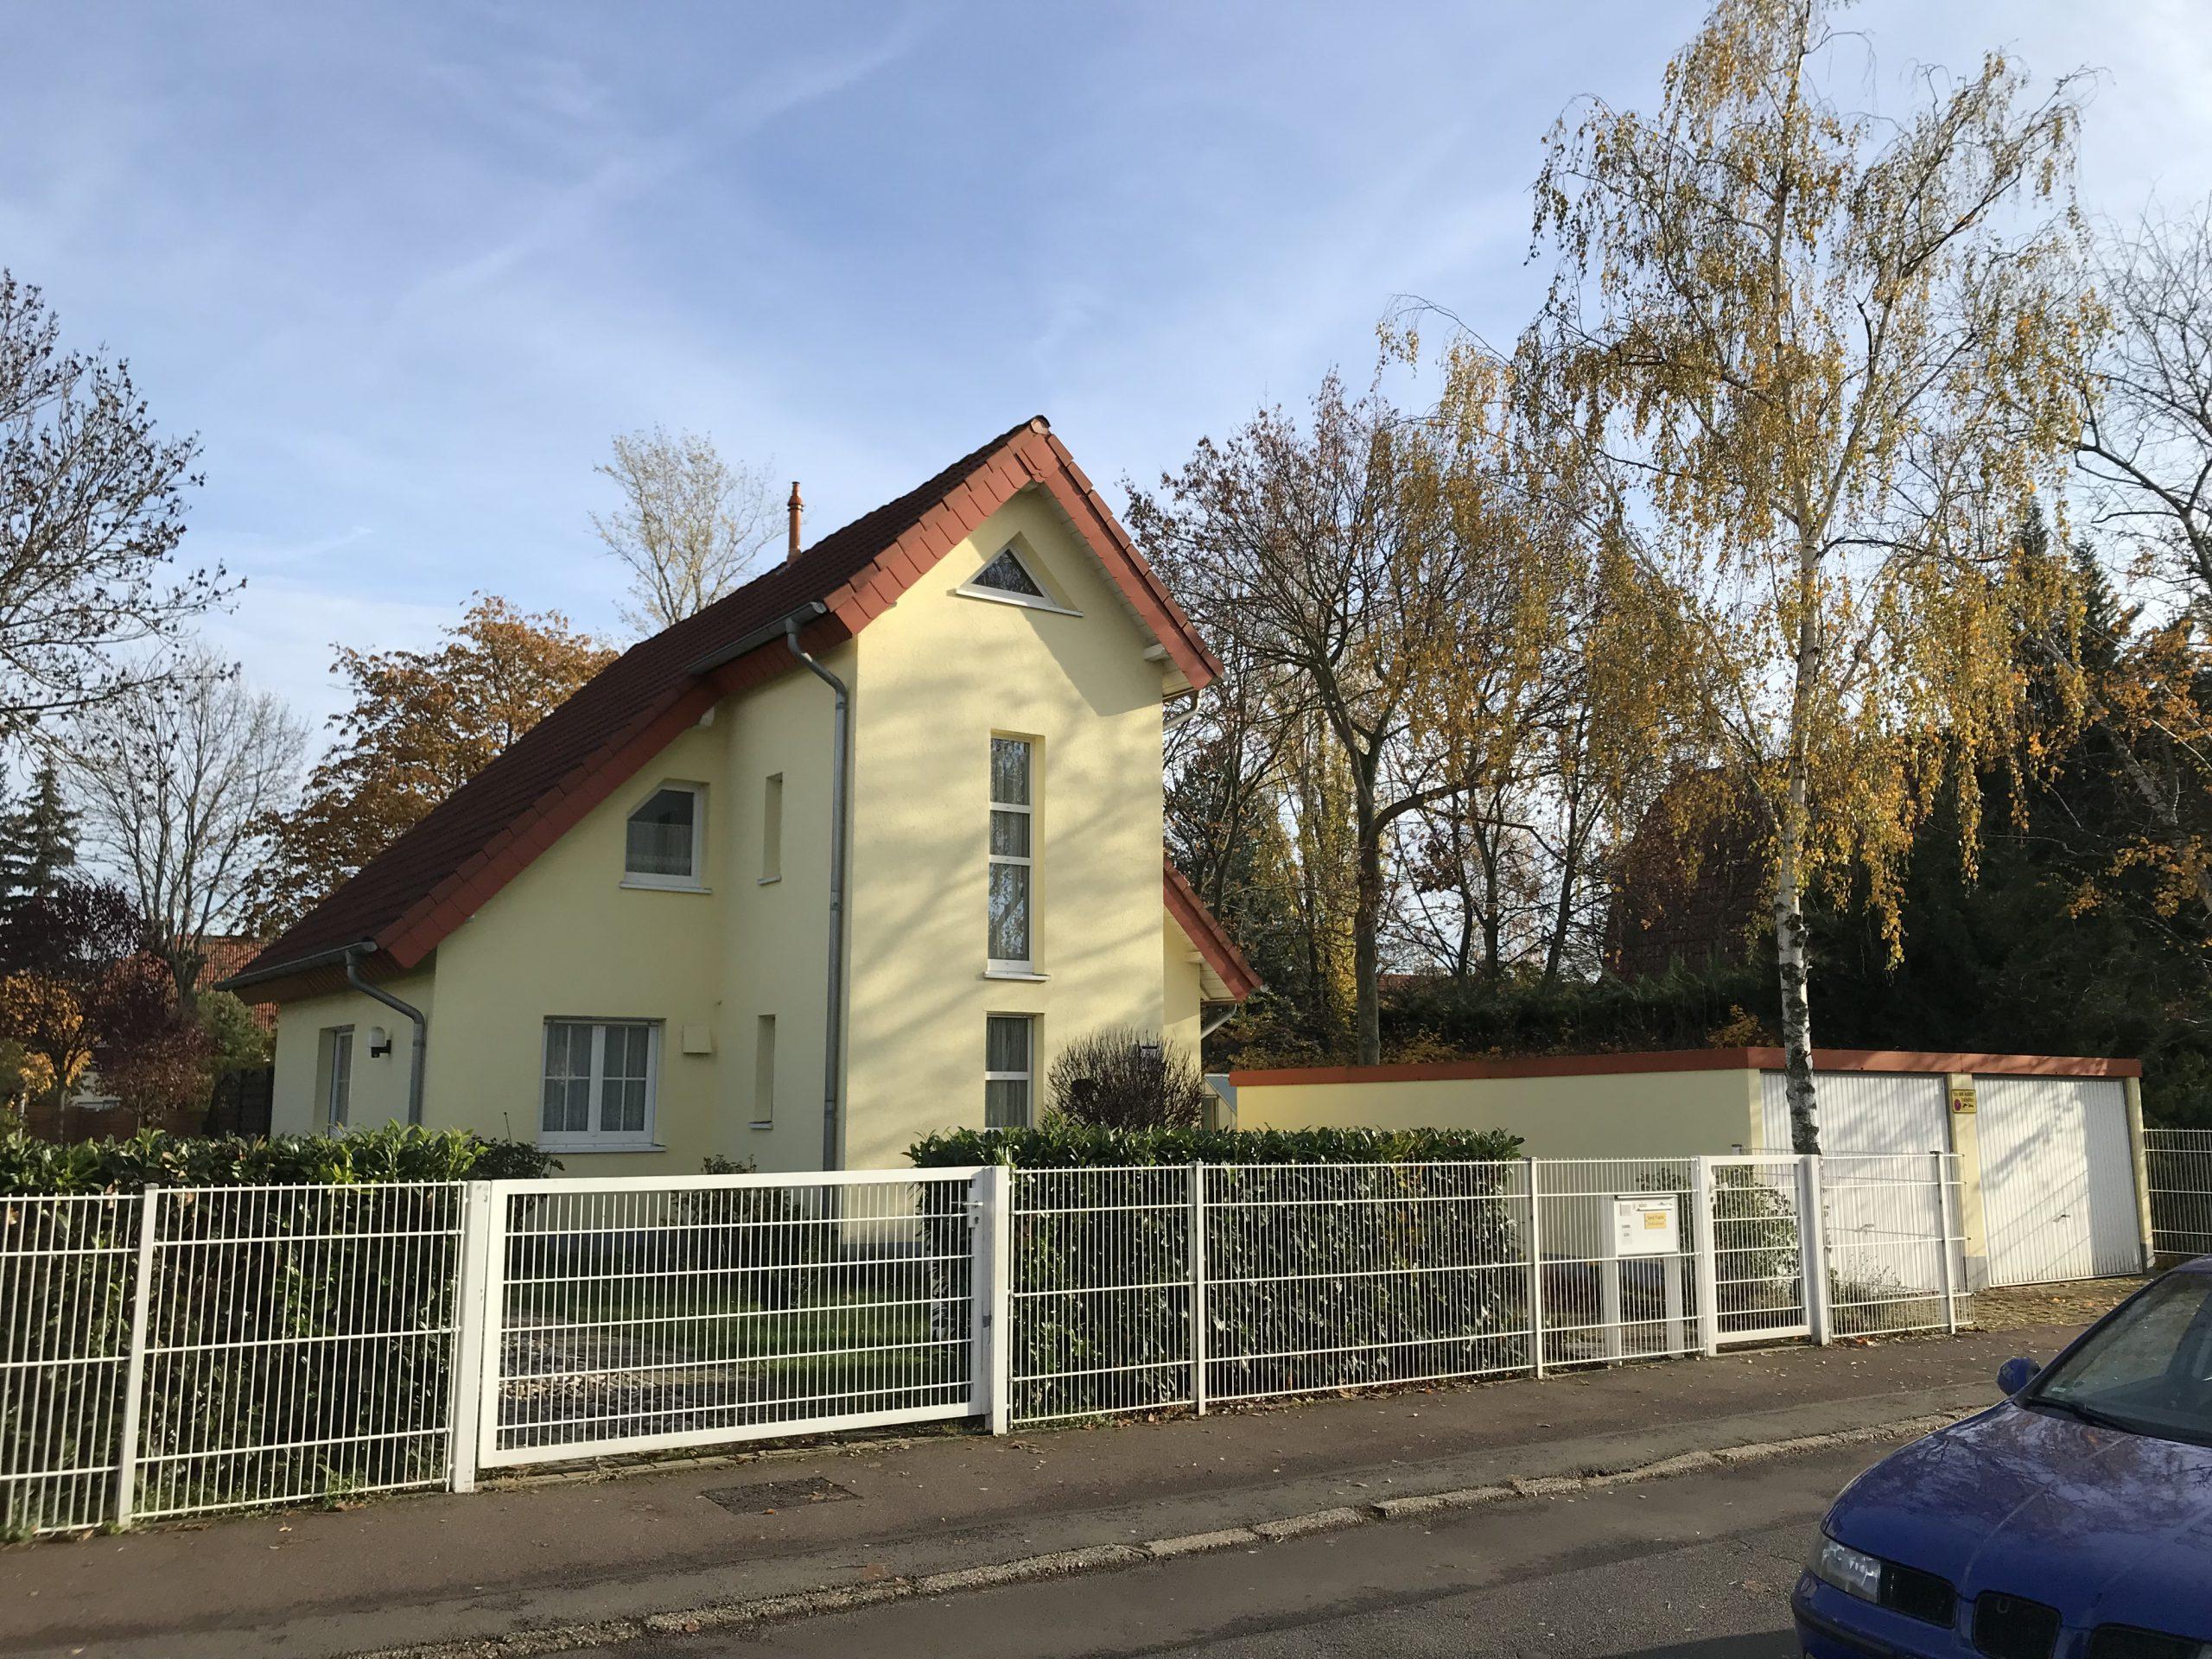 Einfamilienhaus Merseburg - Straßenansicht